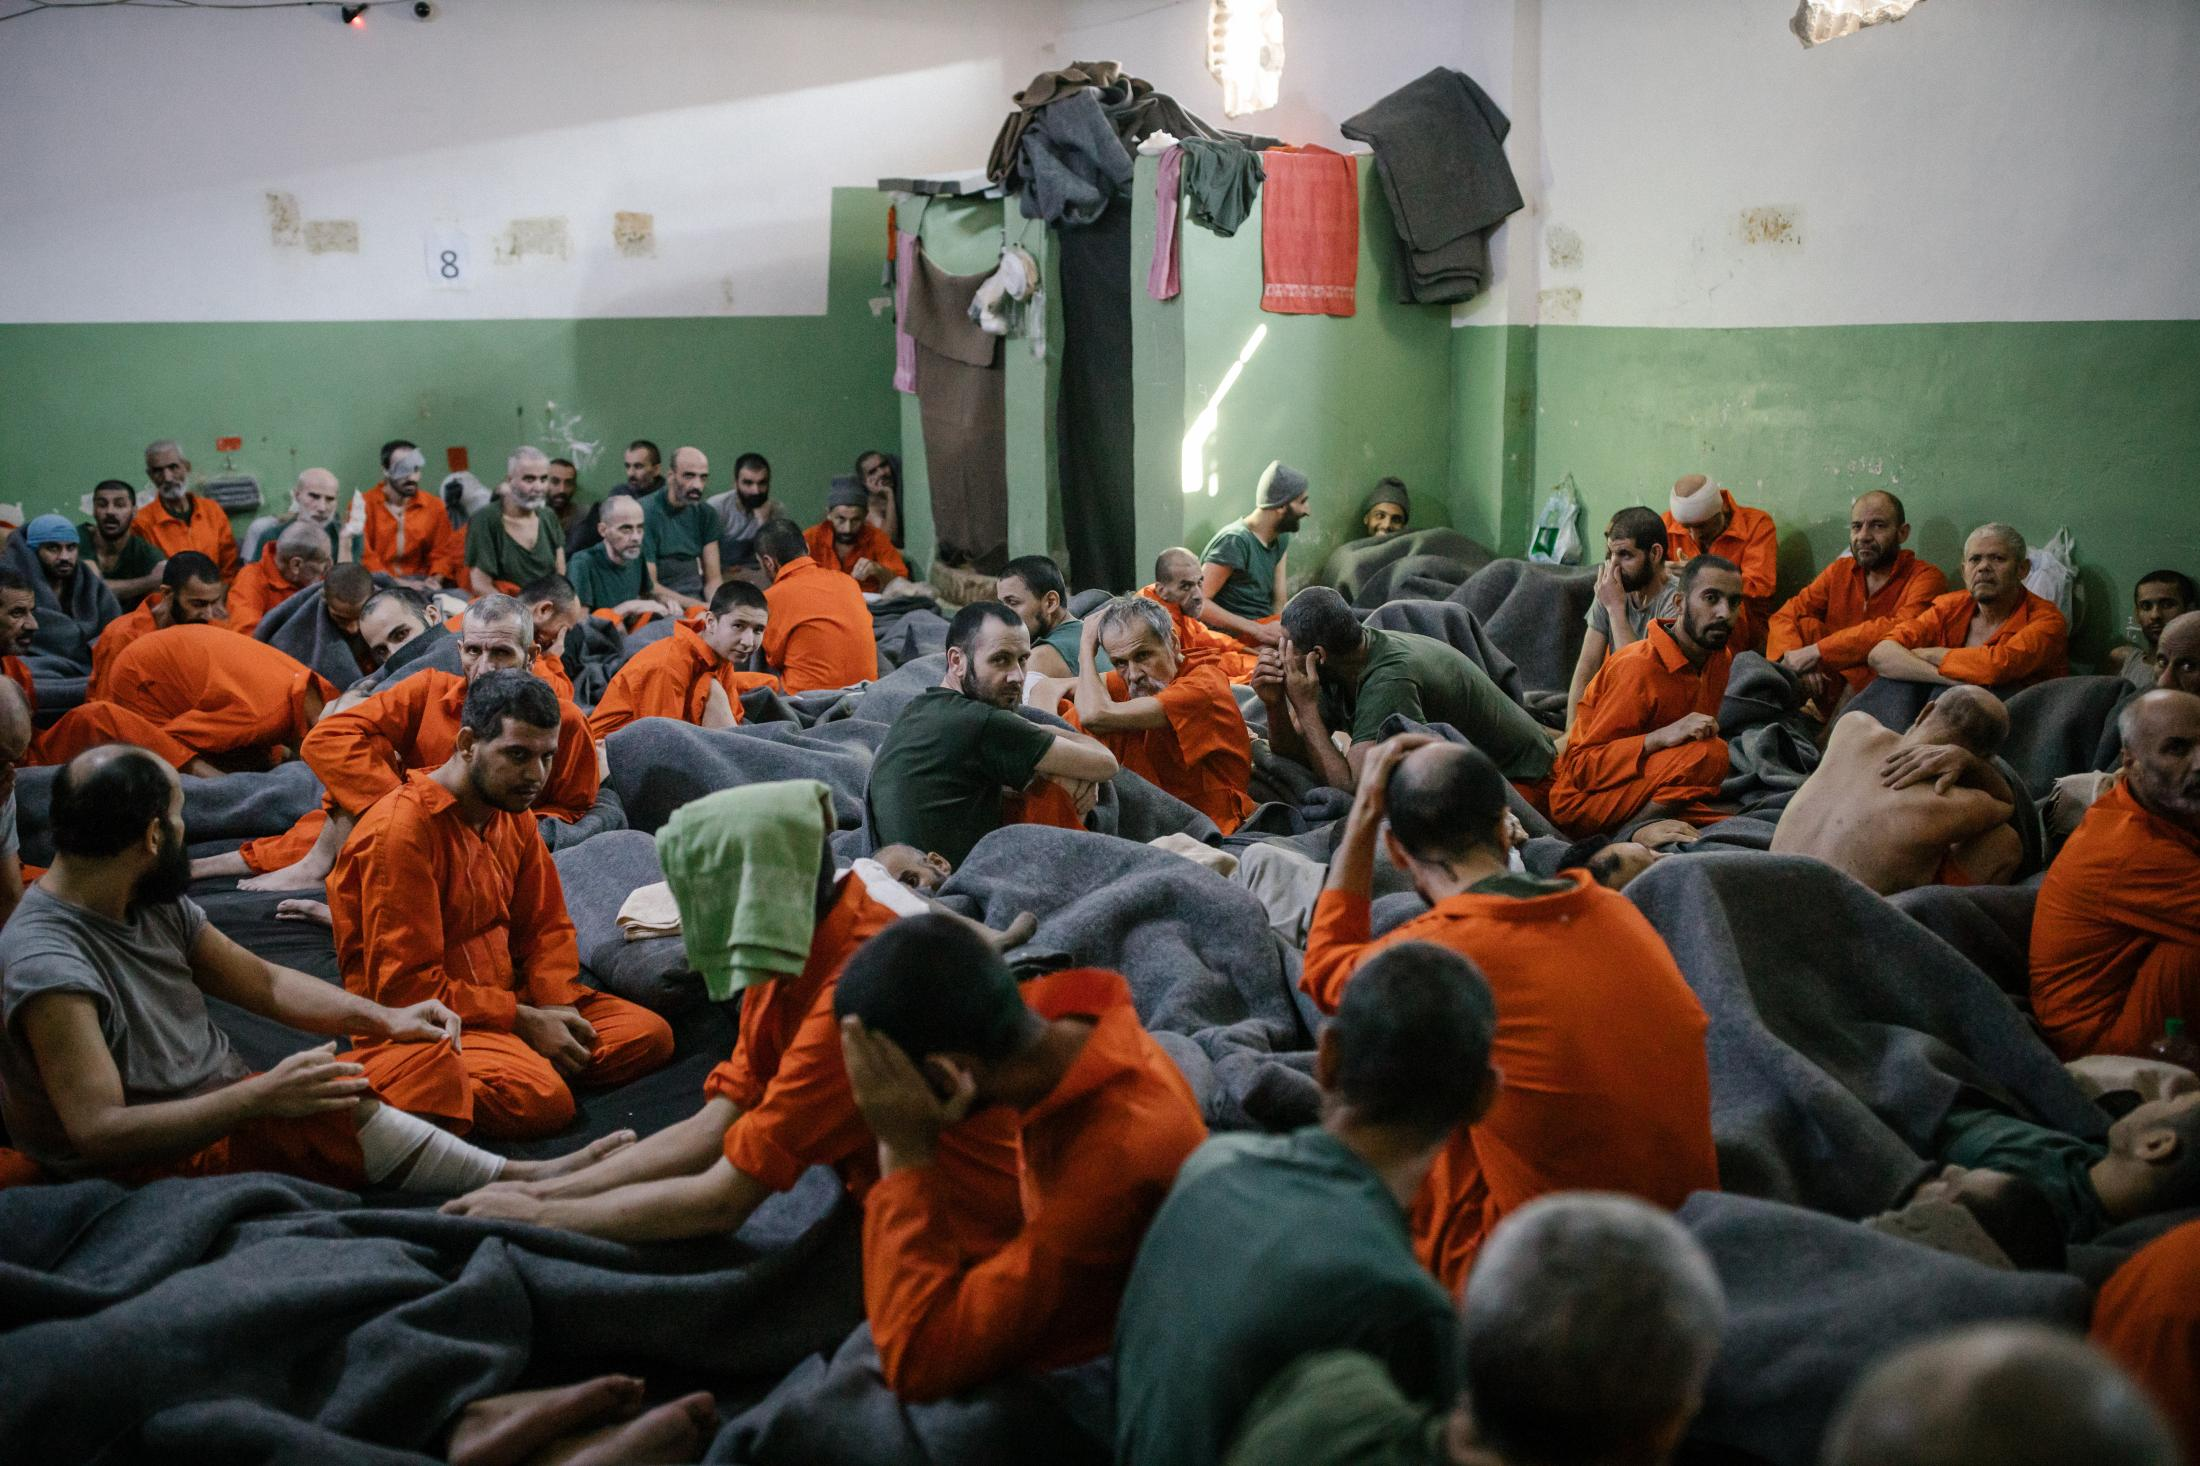 Le 30 octobre 2019, Nord Est de la Syrie. Une prison abrite des supposés membres de Daesh. Environ 5000 détenus vivraient ici. La prison est ouverte depuis 4mois. Elle est surpeuplée. Cette pièce de la taille d'une grande salle de classe accueille de nombreux prisonniers.